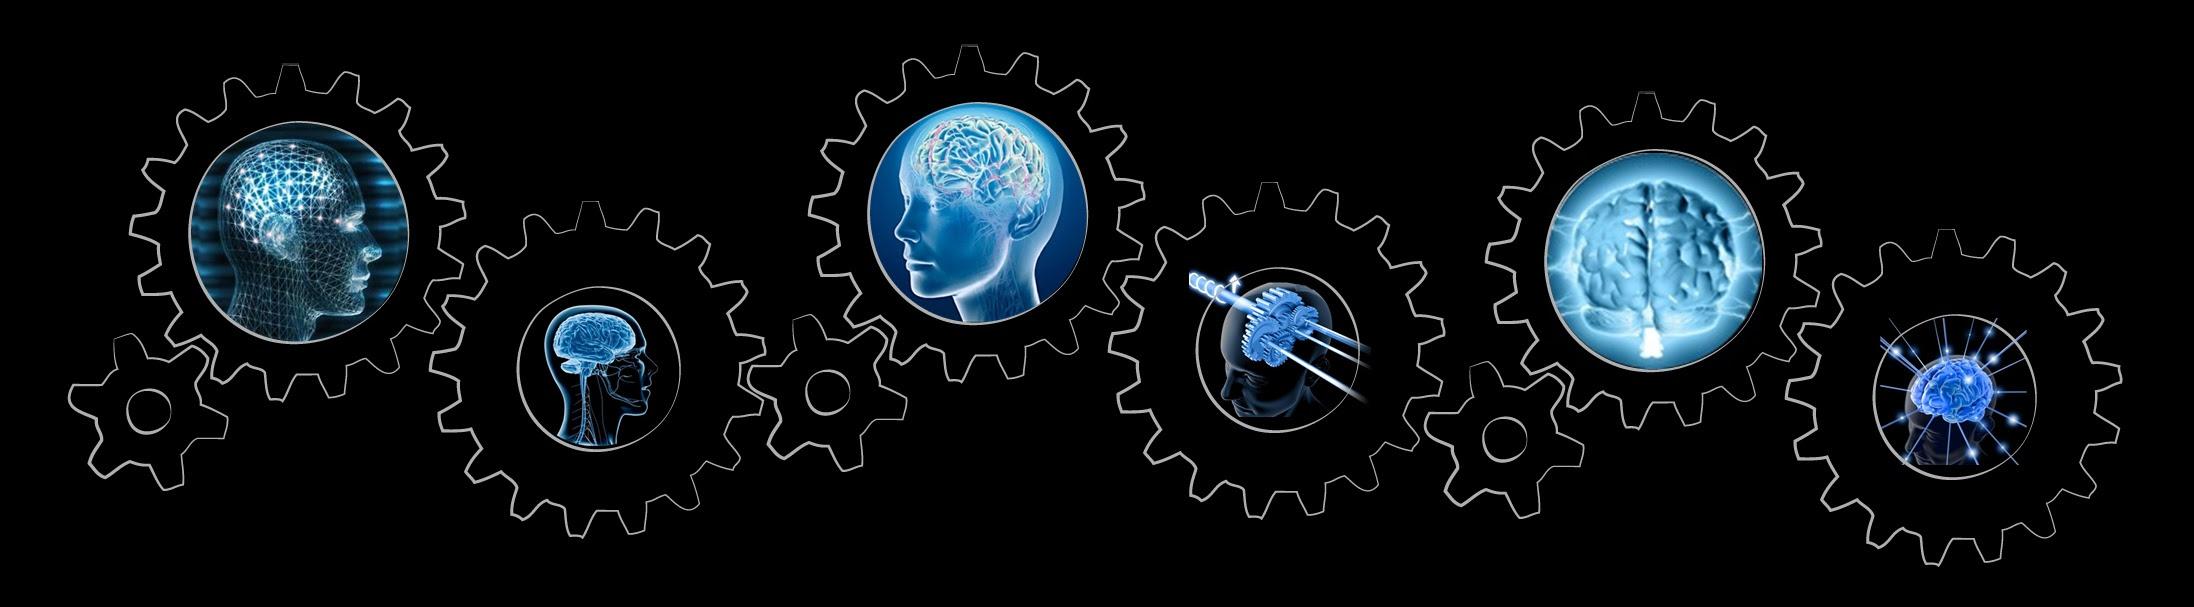 IMAGEM: Várias engrenagens, de tamanhos diferentes, com reproduções em 3D de diferentes ângulos do cérebro humano